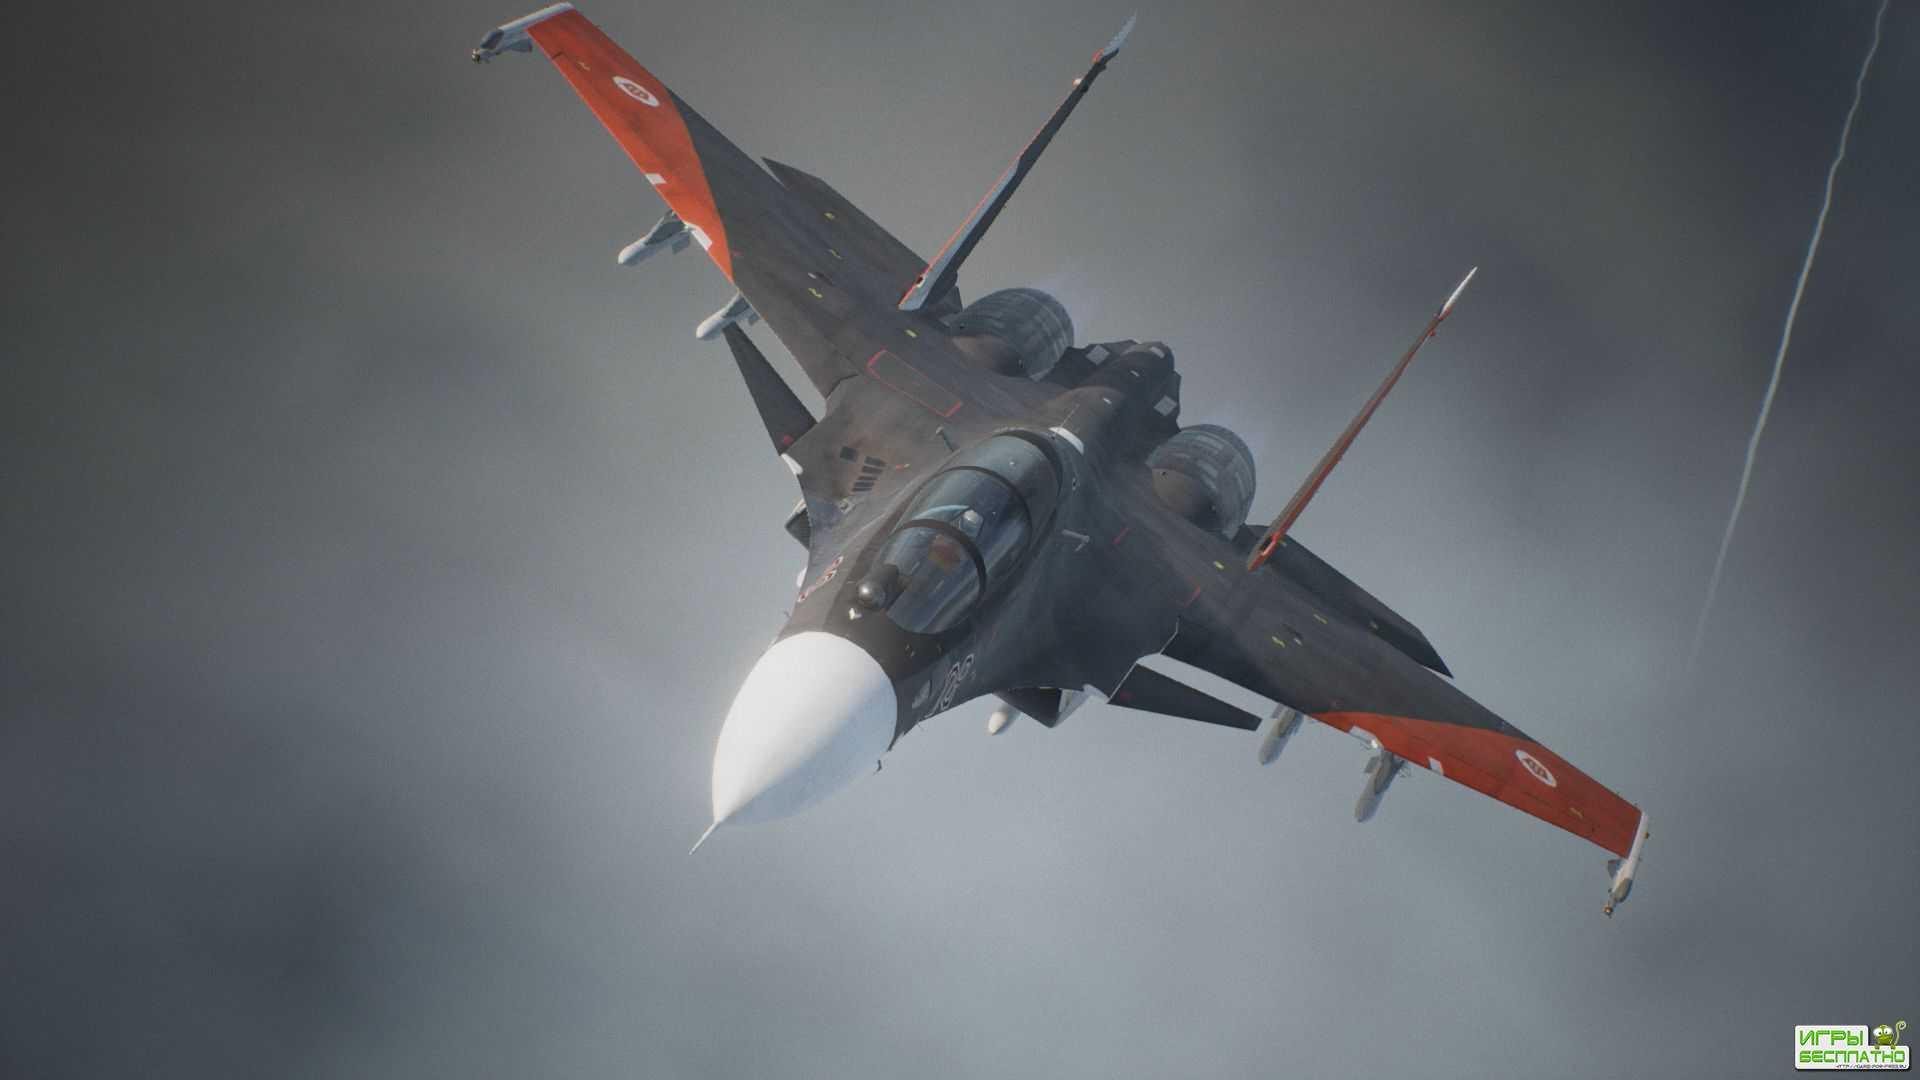 Системные требования авиасимулятора Ace Combat 7